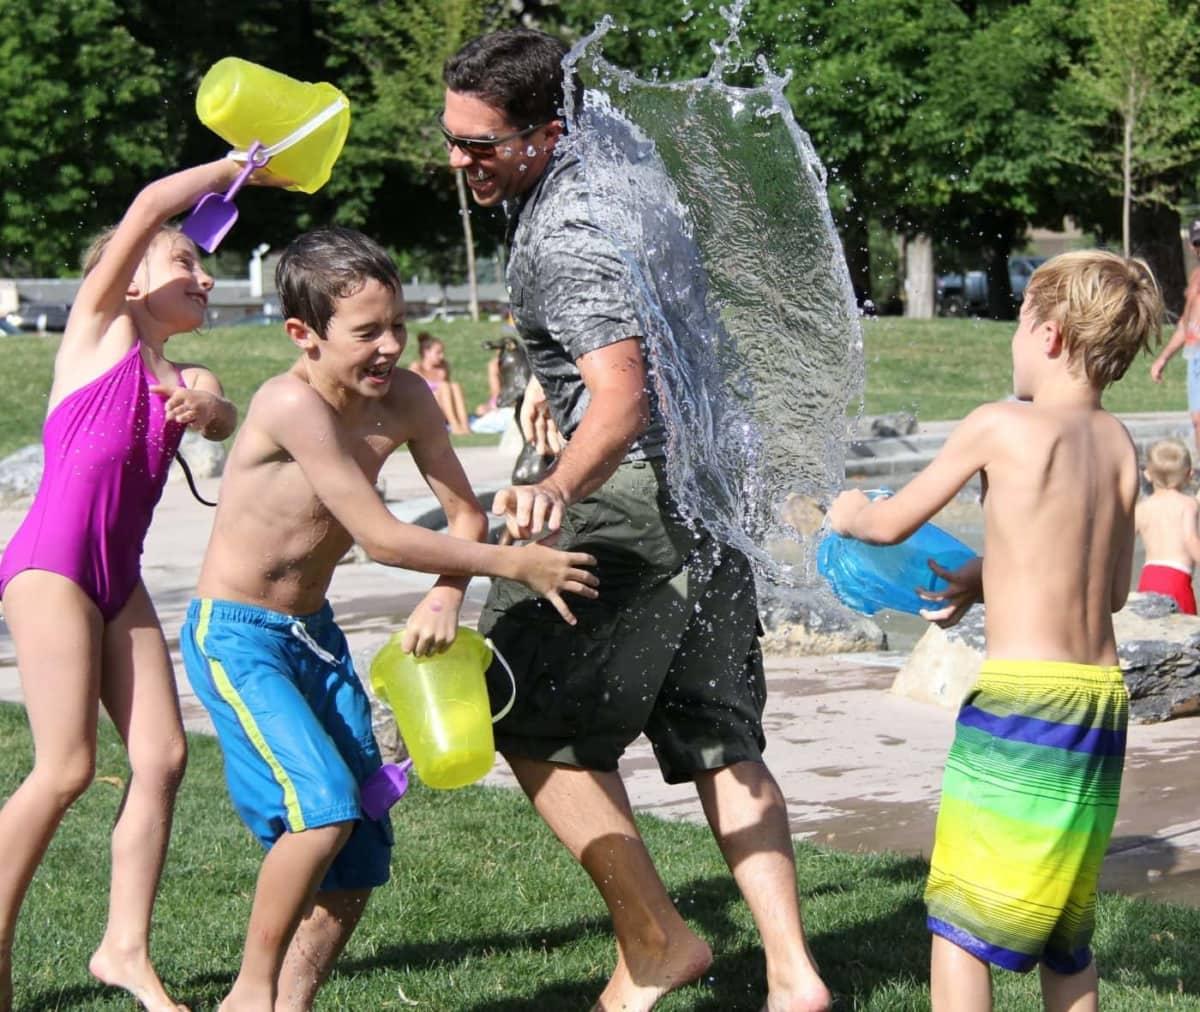 7 δραστηριότητες που μπορείς να κάνεις το σαβ/κο με το παιδί σου